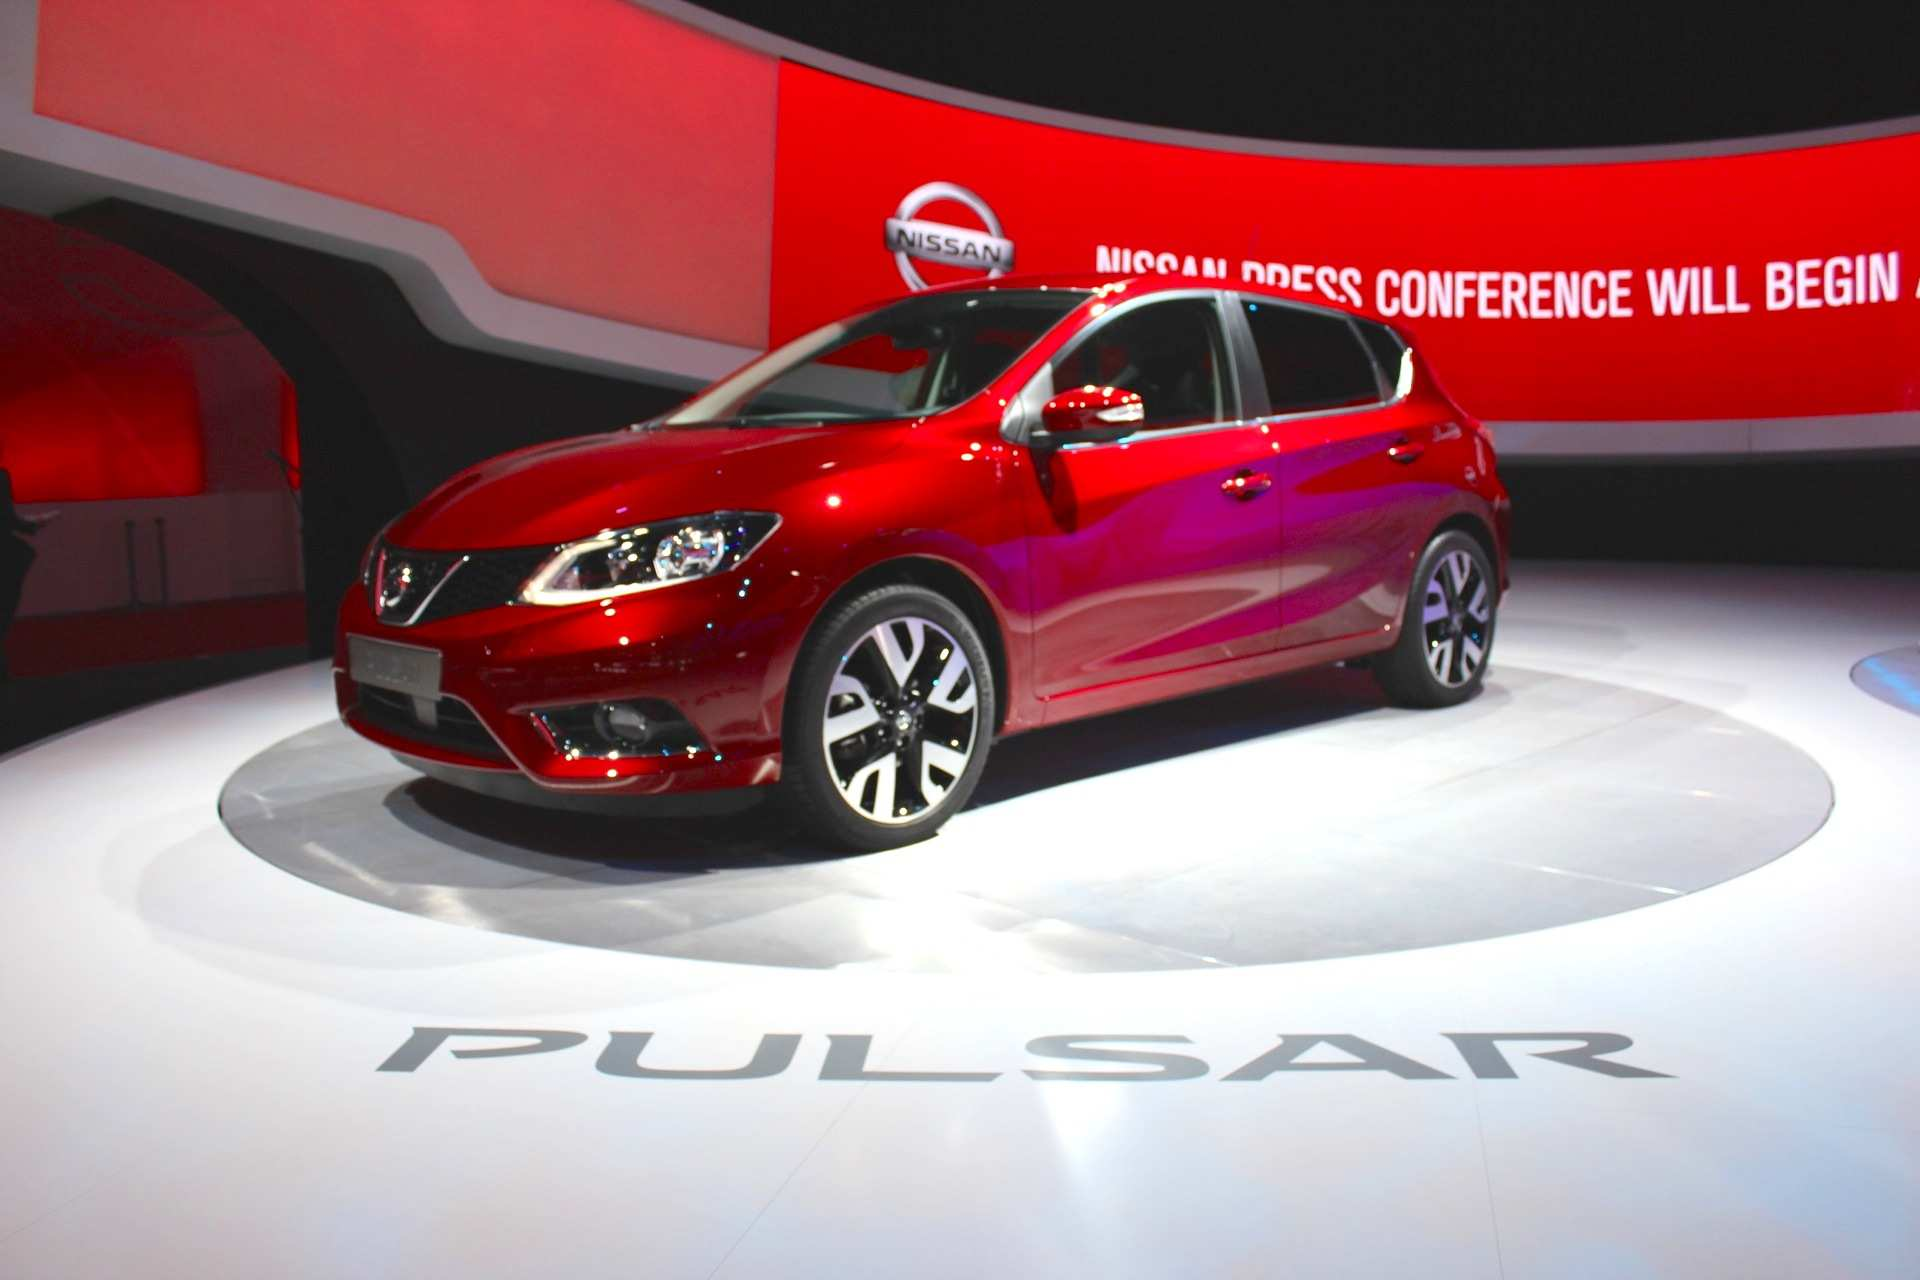 52 All New 2020 Nissan Sentra Wallpaper for 2020 Nissan Sentra